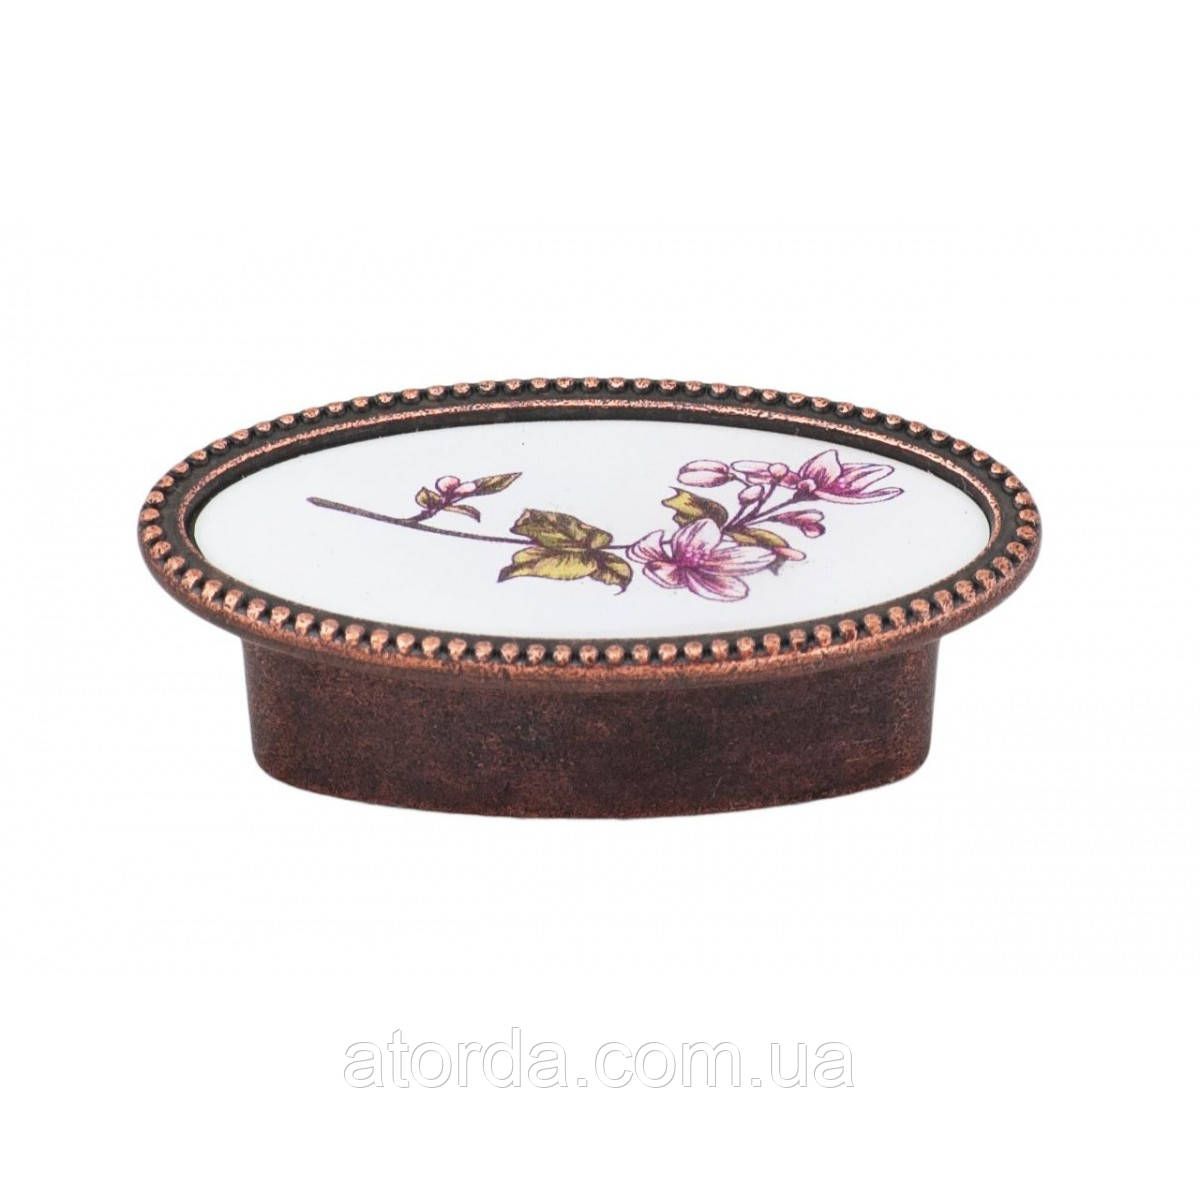 Ручка мебельная Ozkardesler 32мм SELVI DUGME 6085-09/064 Медь-Орхидея